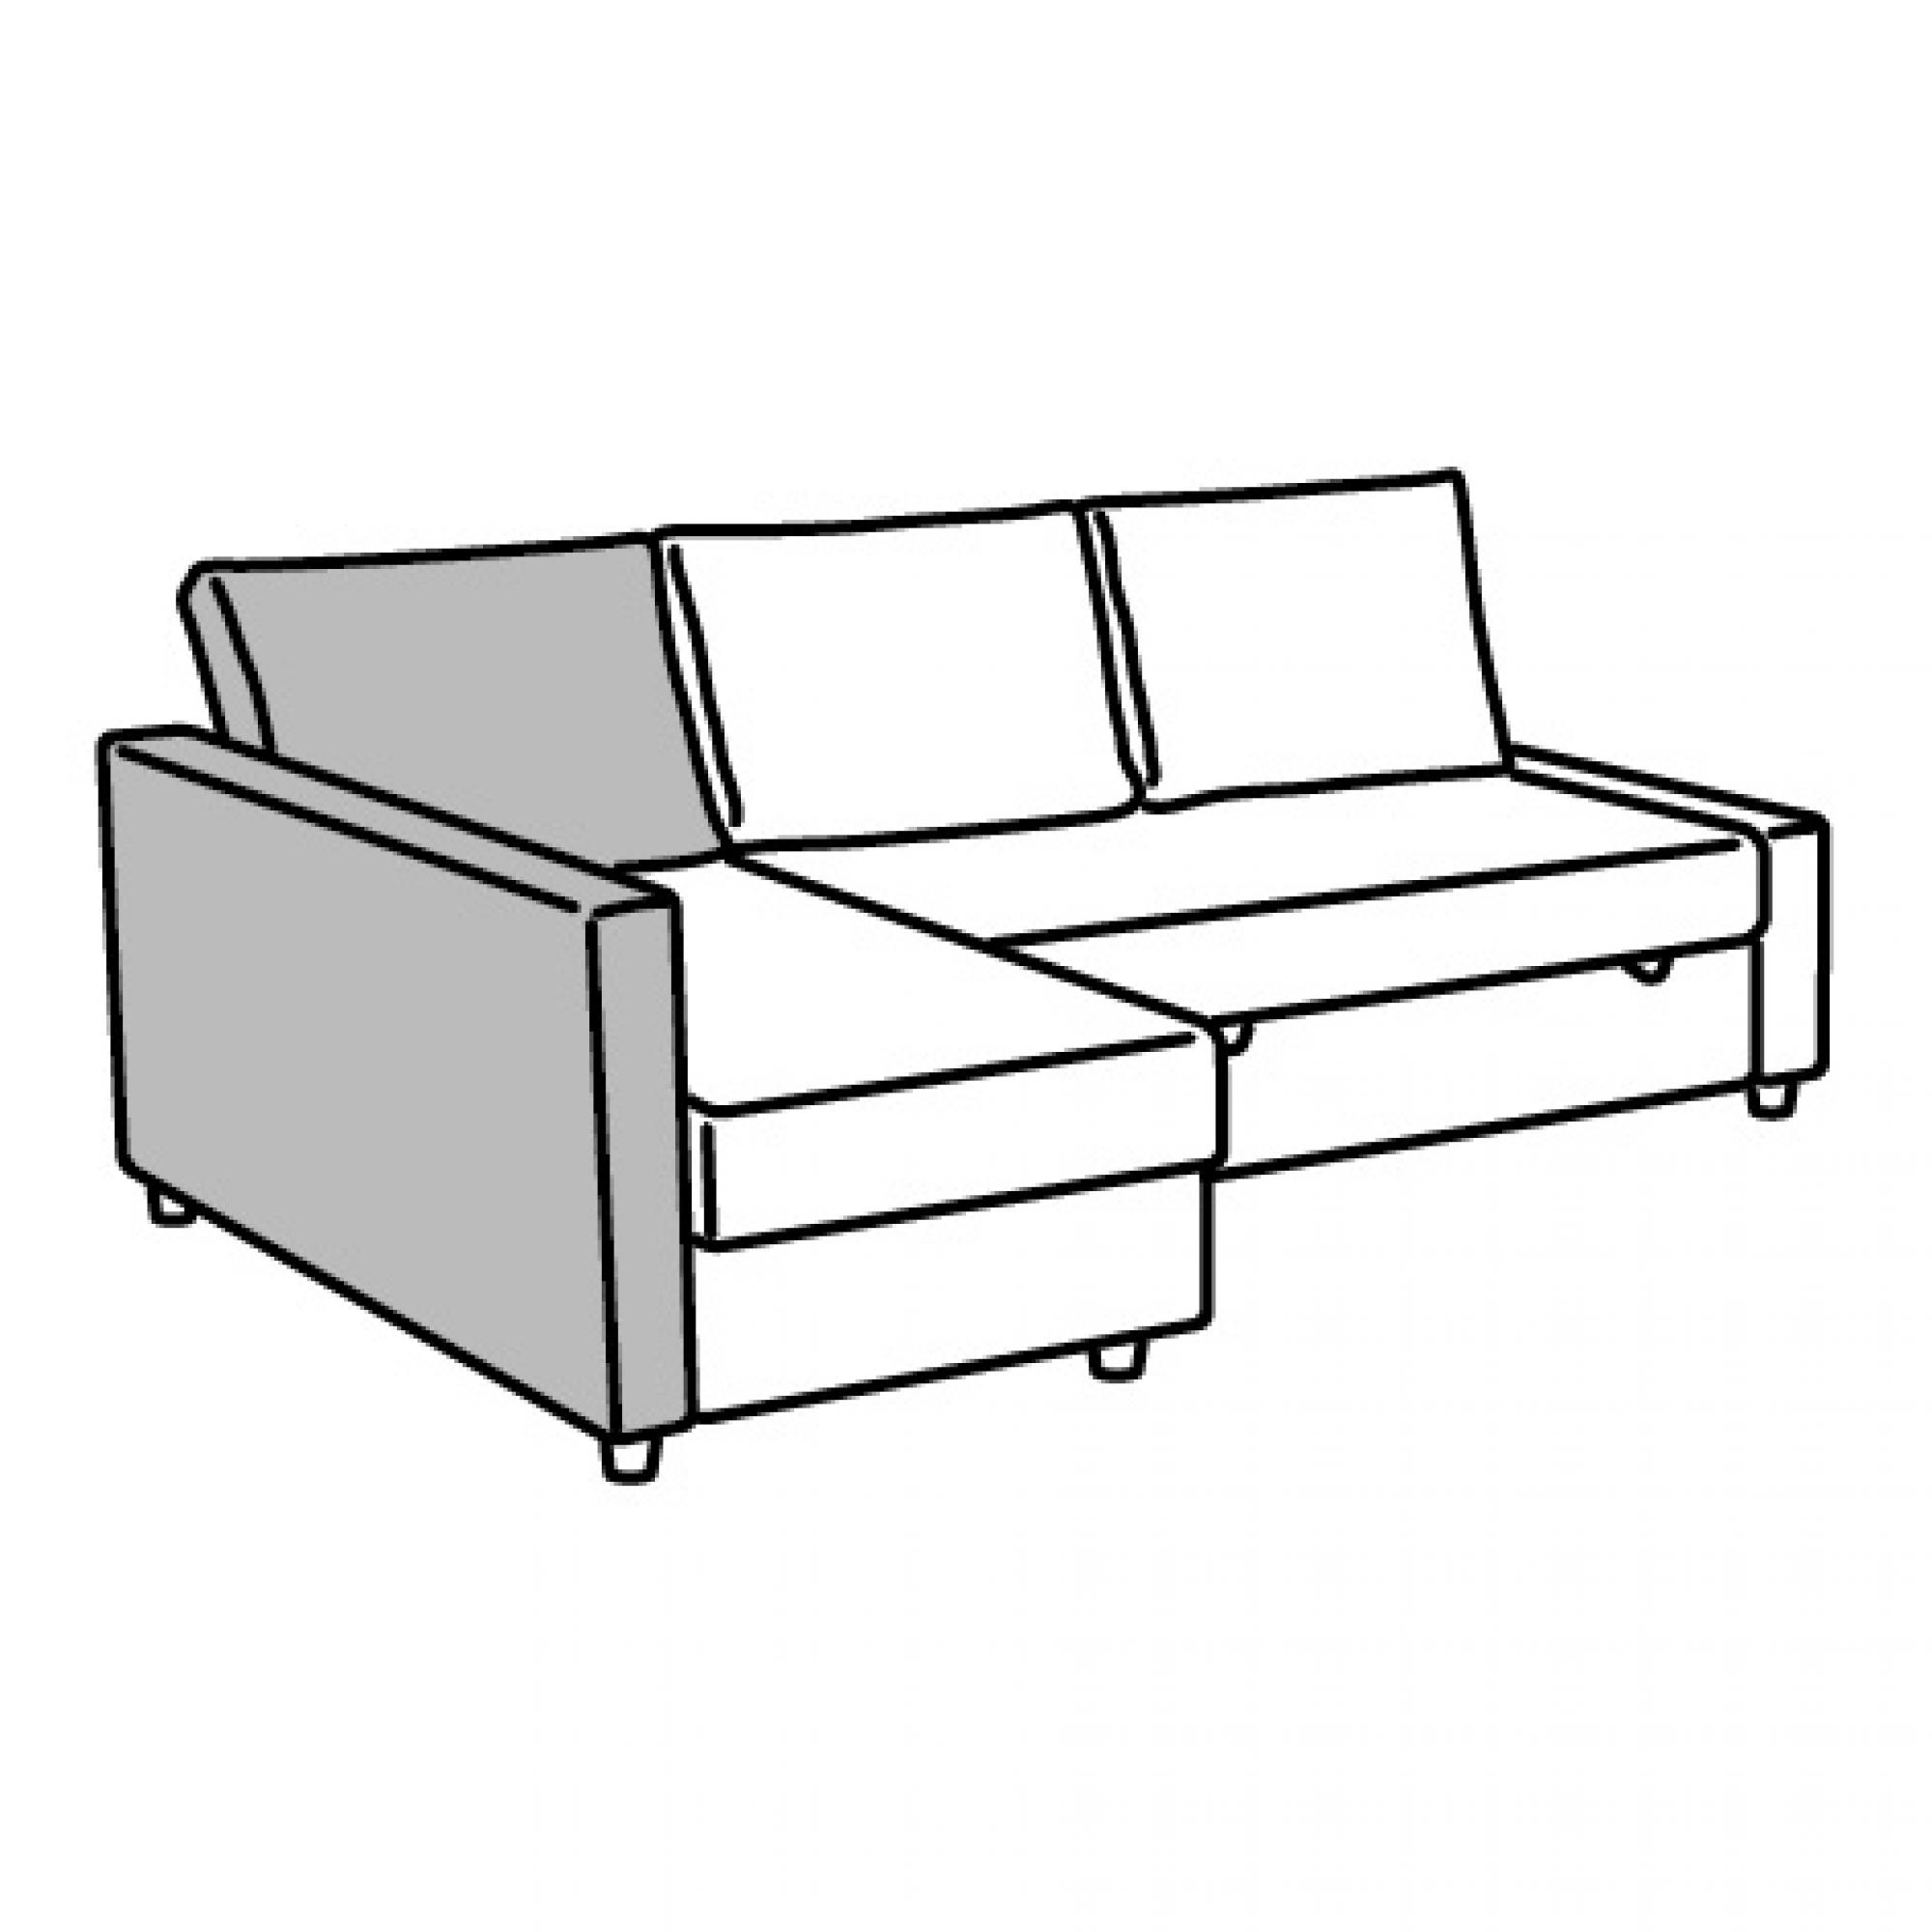 FRIHETEN Respaldo para sofá cama beige